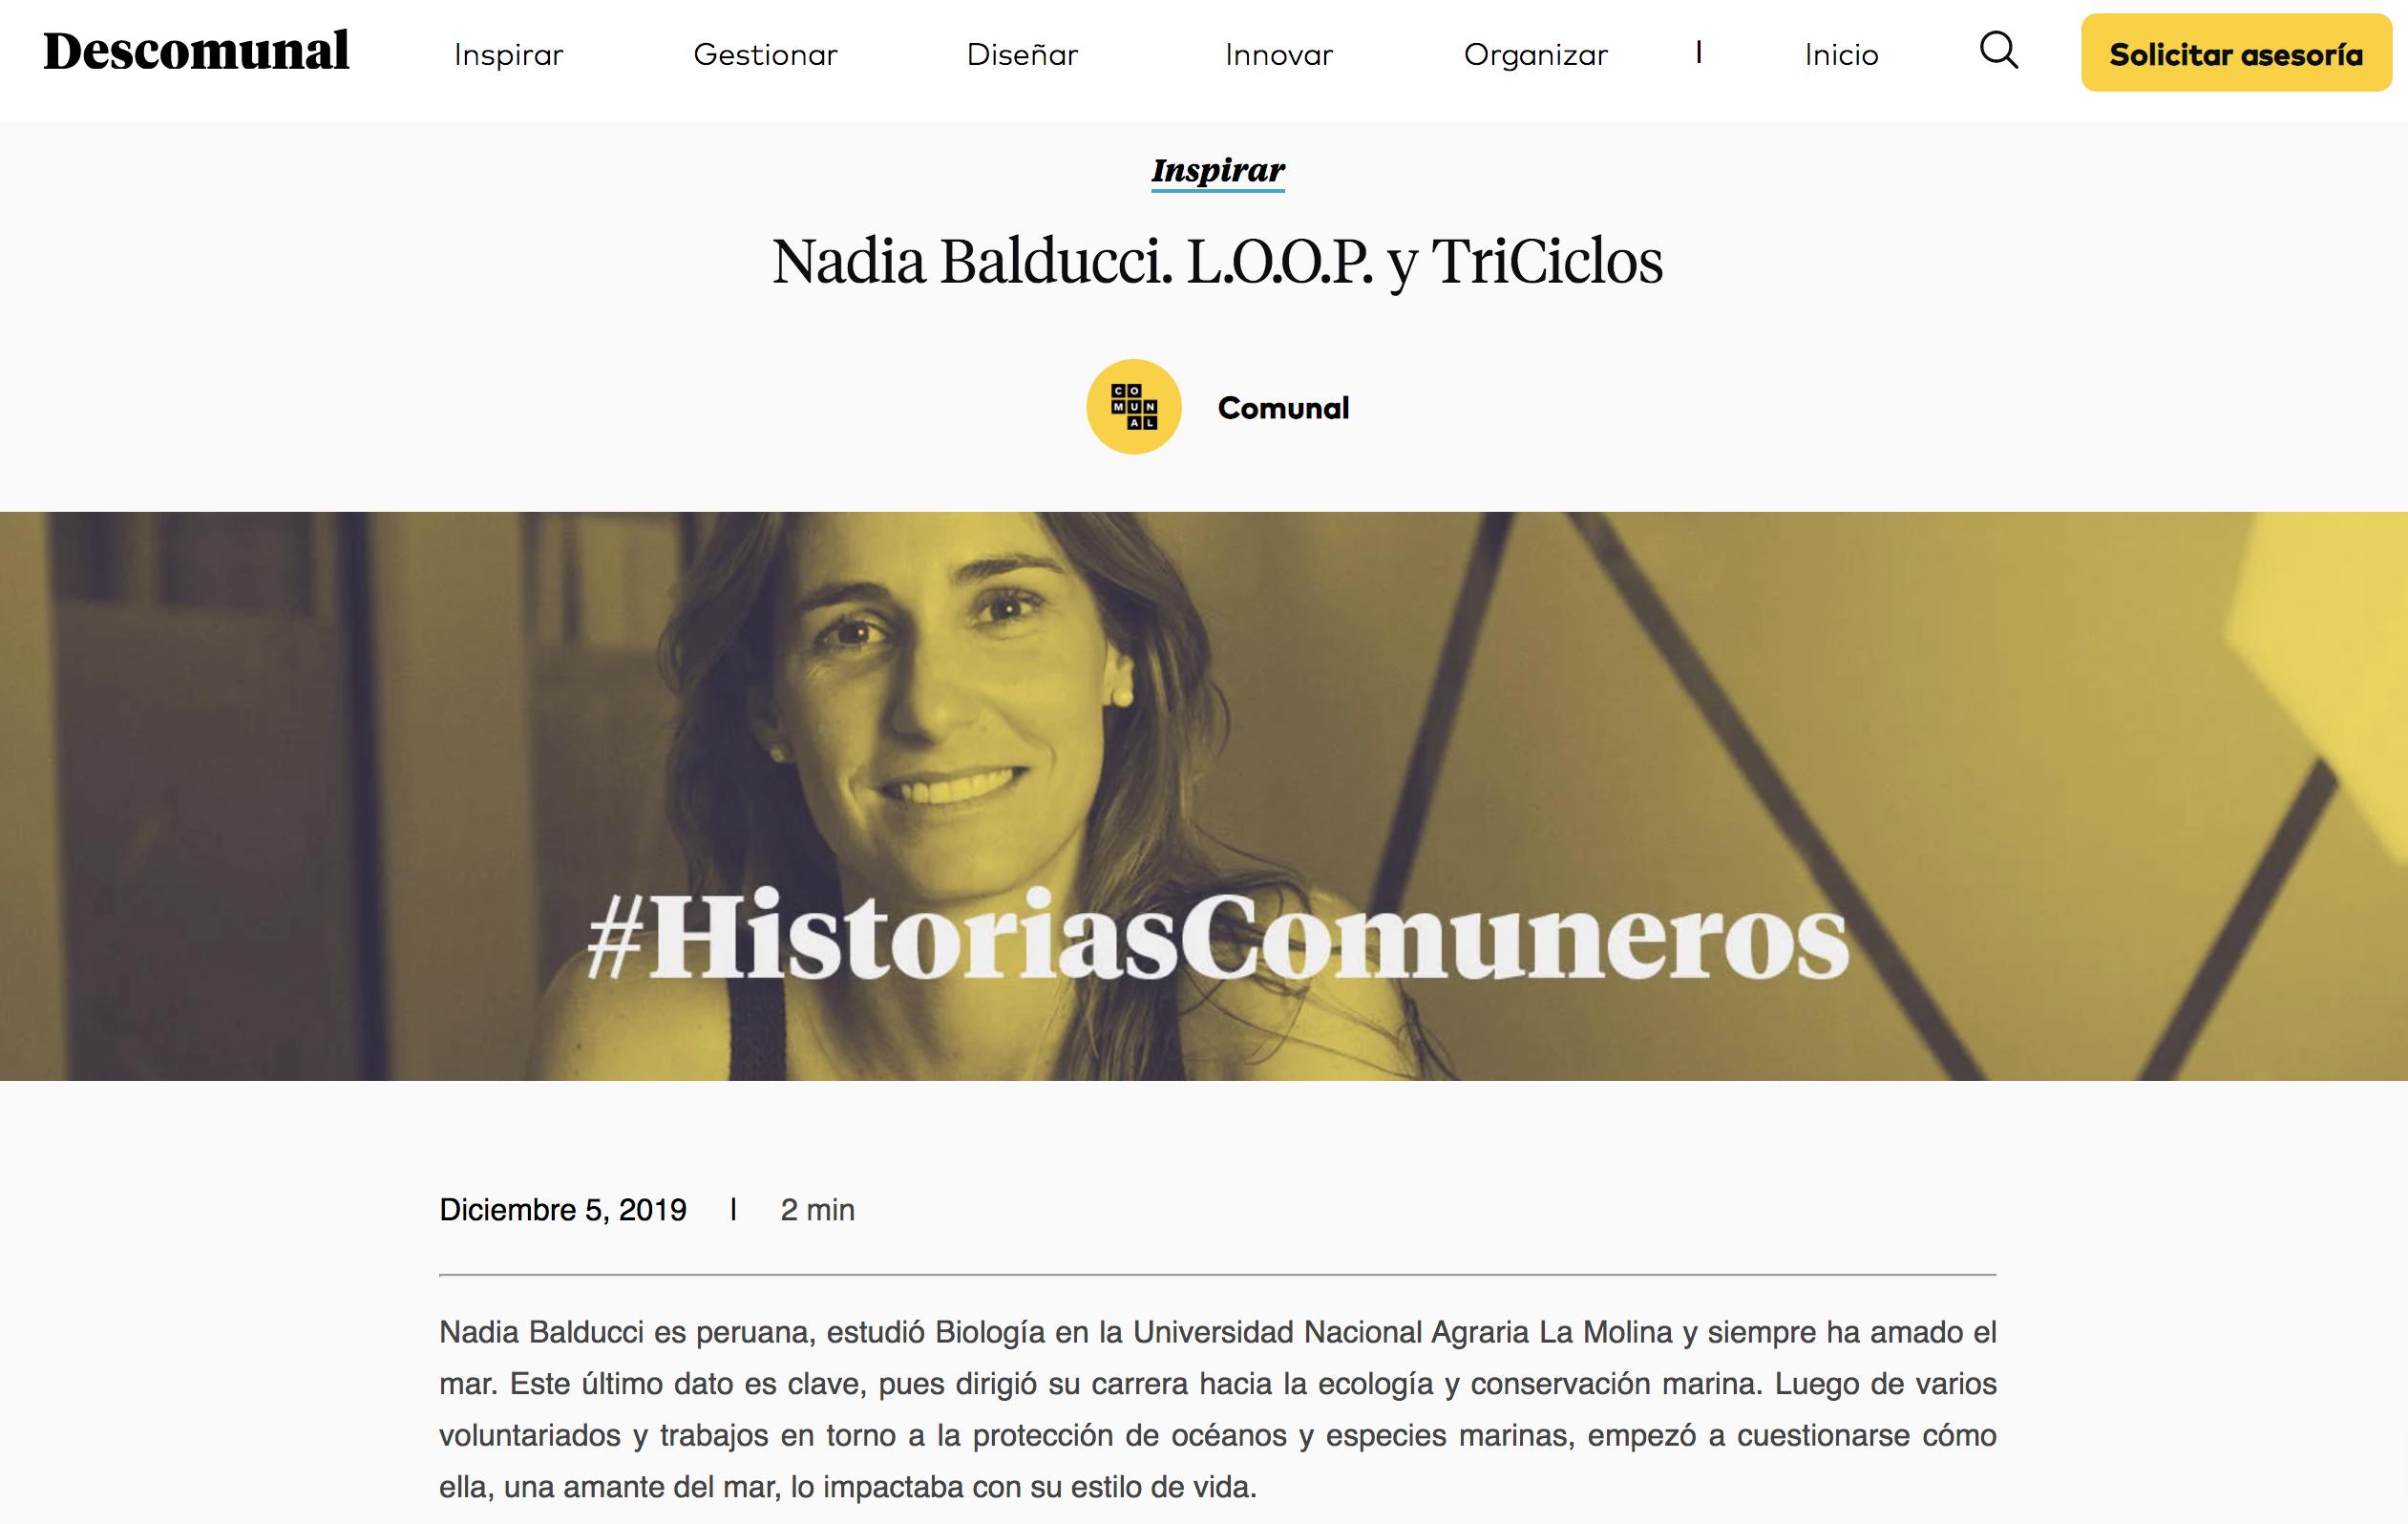 Marketing de contenidos - Ejemplos Comunal